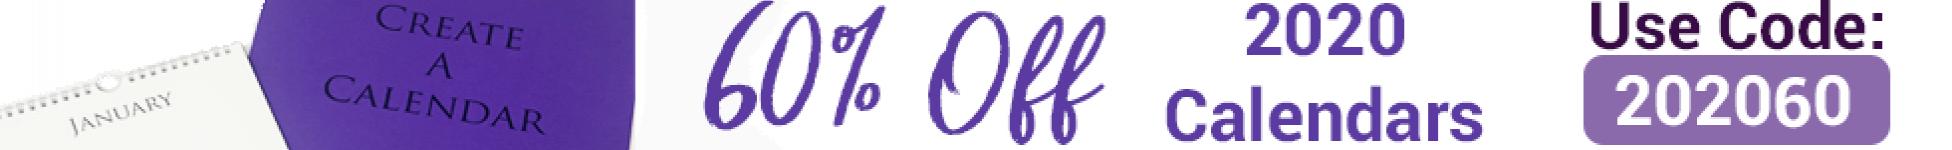 60 Off 2020 Calendar Web Banner